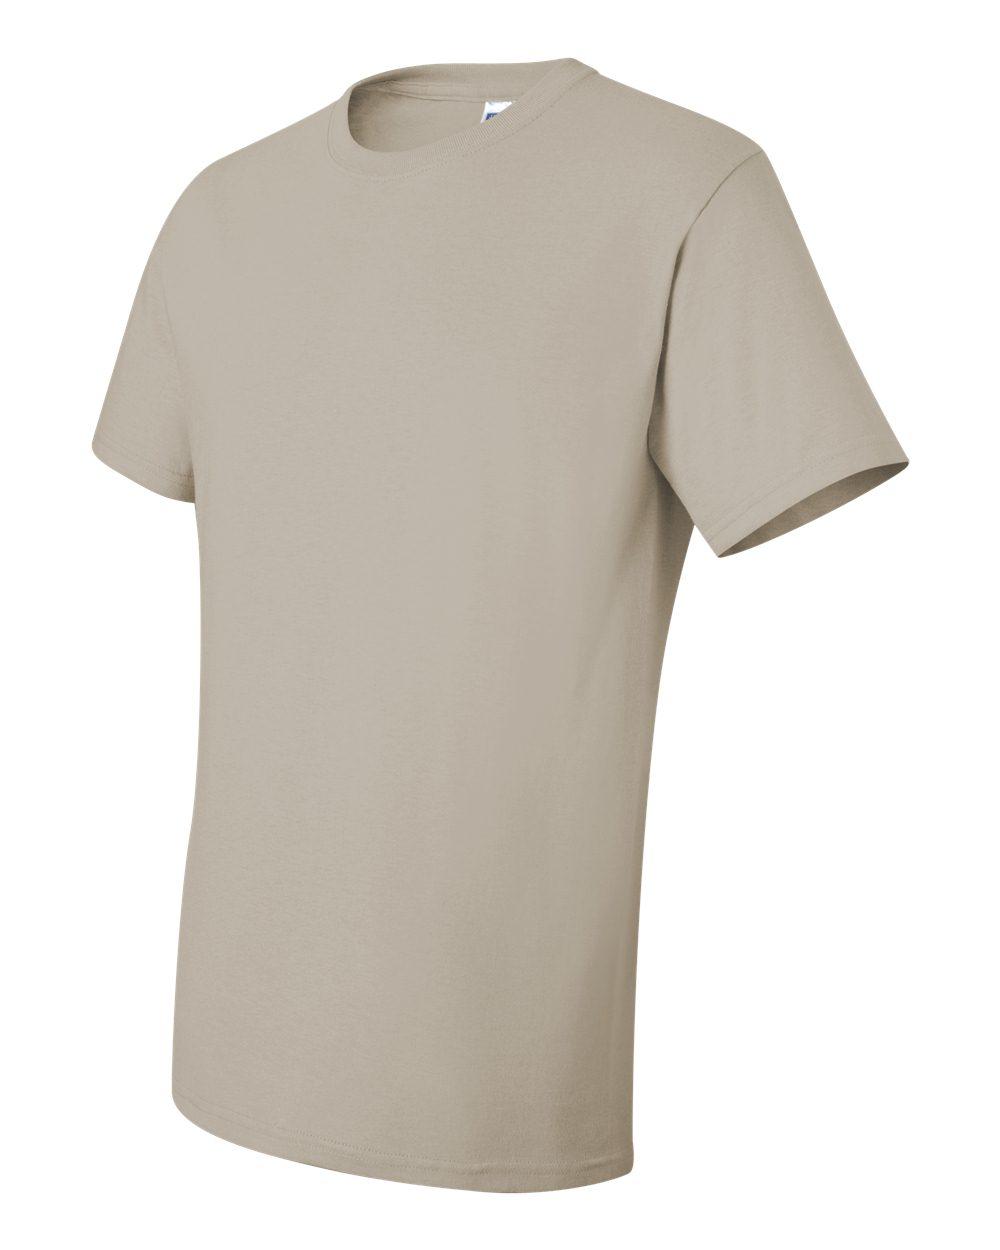 Jerzees-Men-039-s-5-6-oz-50-50-Heavyweight-Blend-T-Shirt-29M-S-4XL thumbnail 27